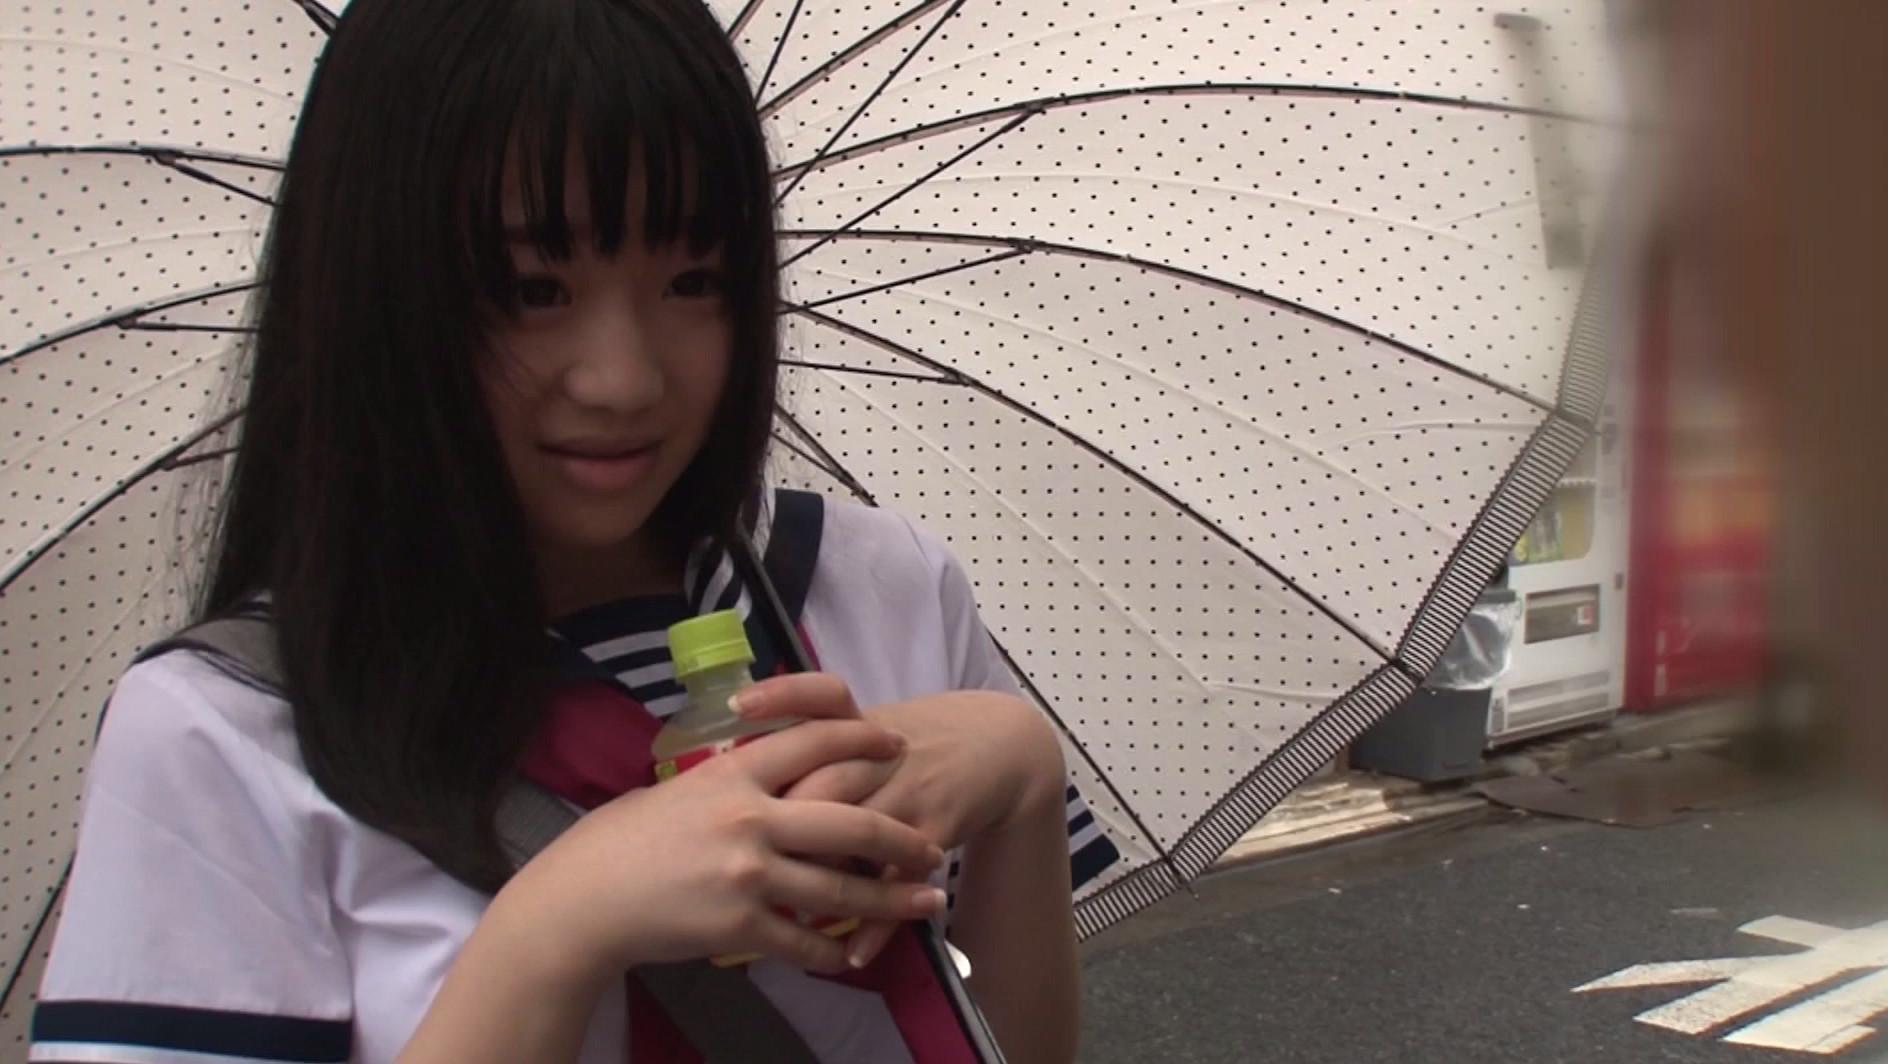 偶然見えたカワイイ女子校生の純白パンチラ 視線に気づき頬を真っ赤にするも、実はHに興味津々。挙句に告白までされて、そのまま中出ししちゃいました!1